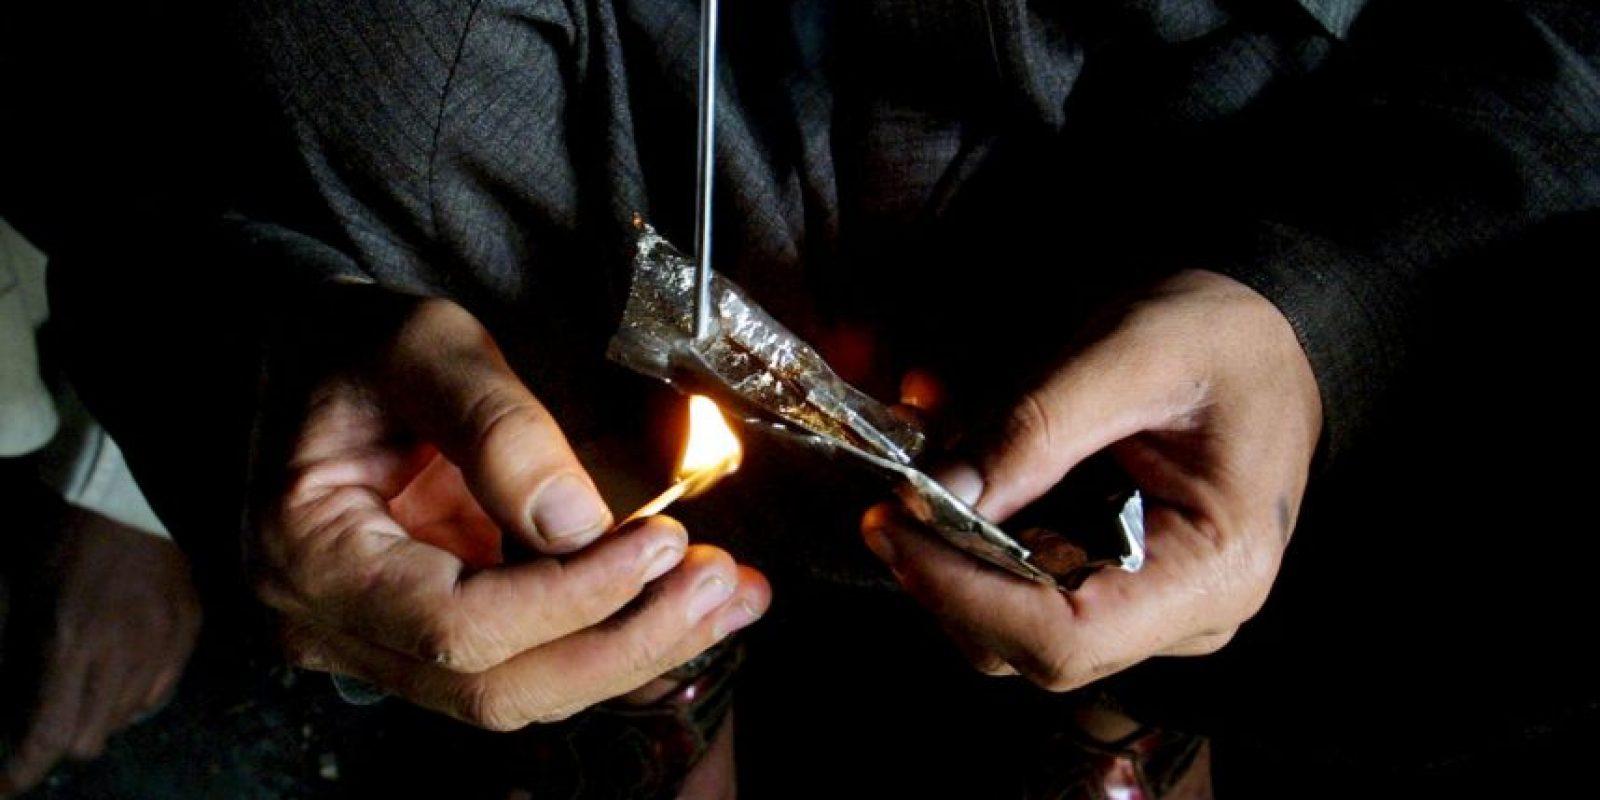 Según la Organización Mundial de la Salud, cada 10 segundos muere una persona a consecuencia del alcoholismo. Foto:Getty Images